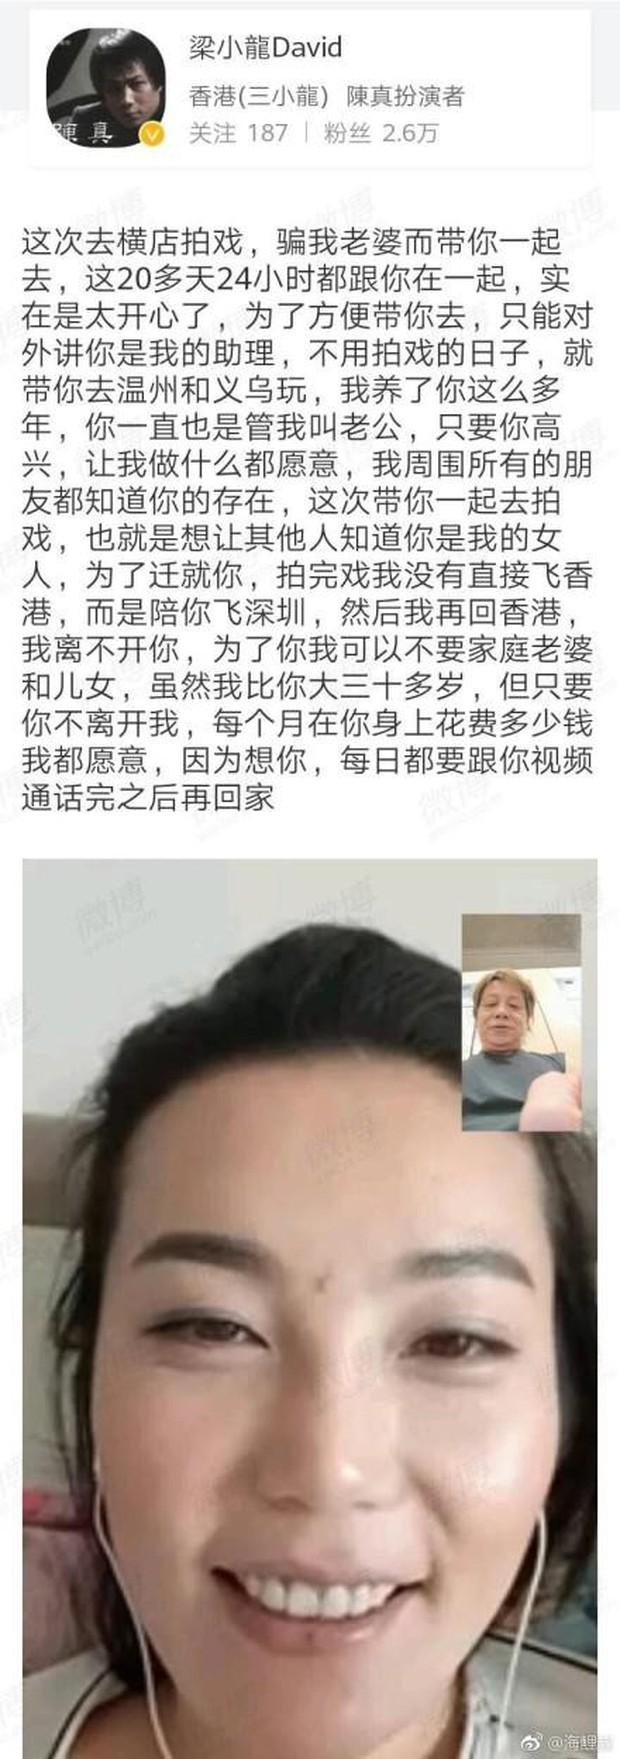 Vua võ thuật Tuyệt Đỉnh Kungfu bất ngờ công khai ngoại tình ở tuổi 70 - Ảnh 4.